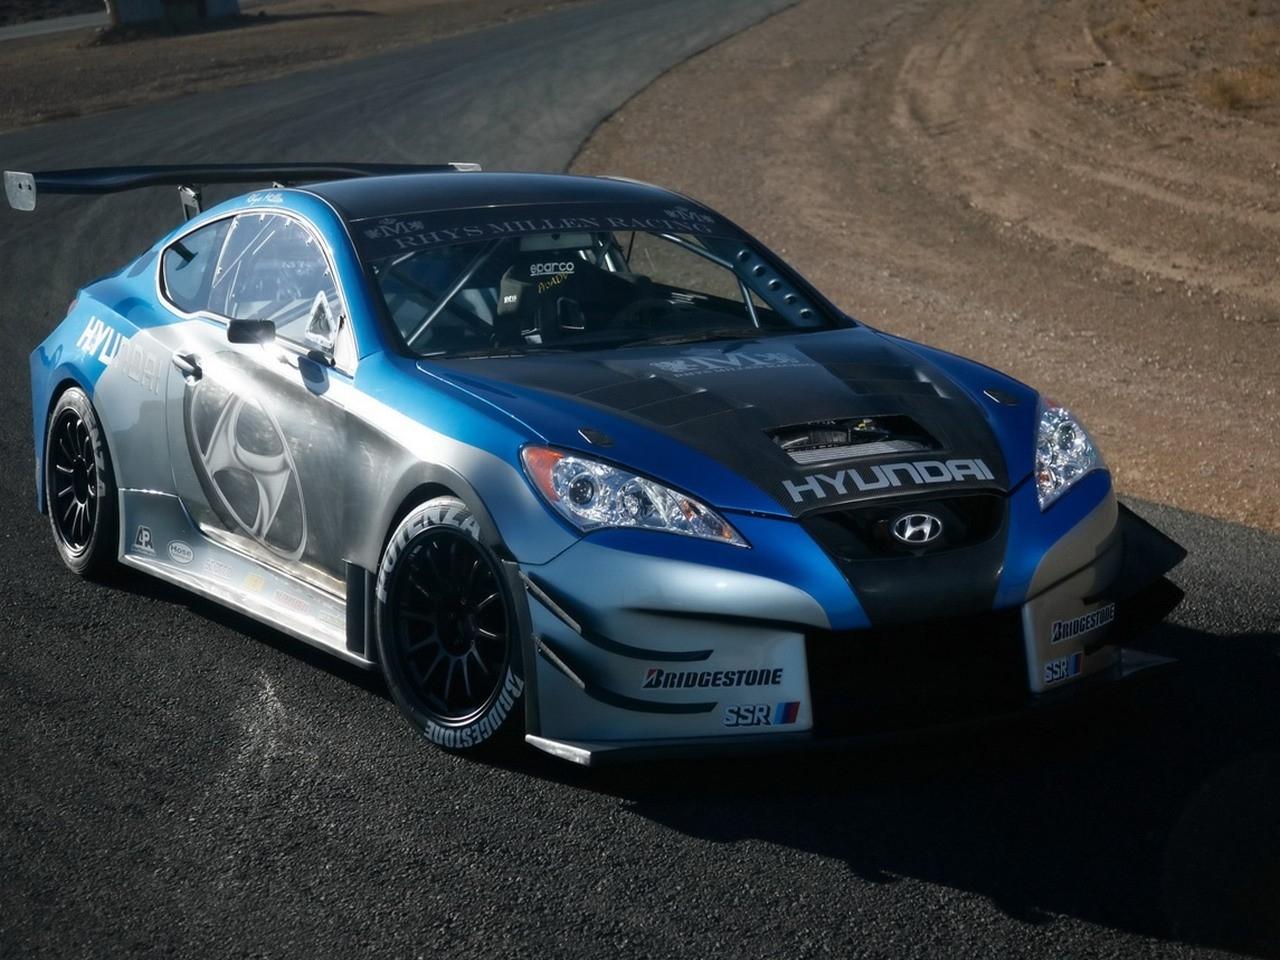 25762 скачать обои Спорт, Транспорт, Машины, Ралли, Хюндай (Hyundai) - заставки и картинки бесплатно